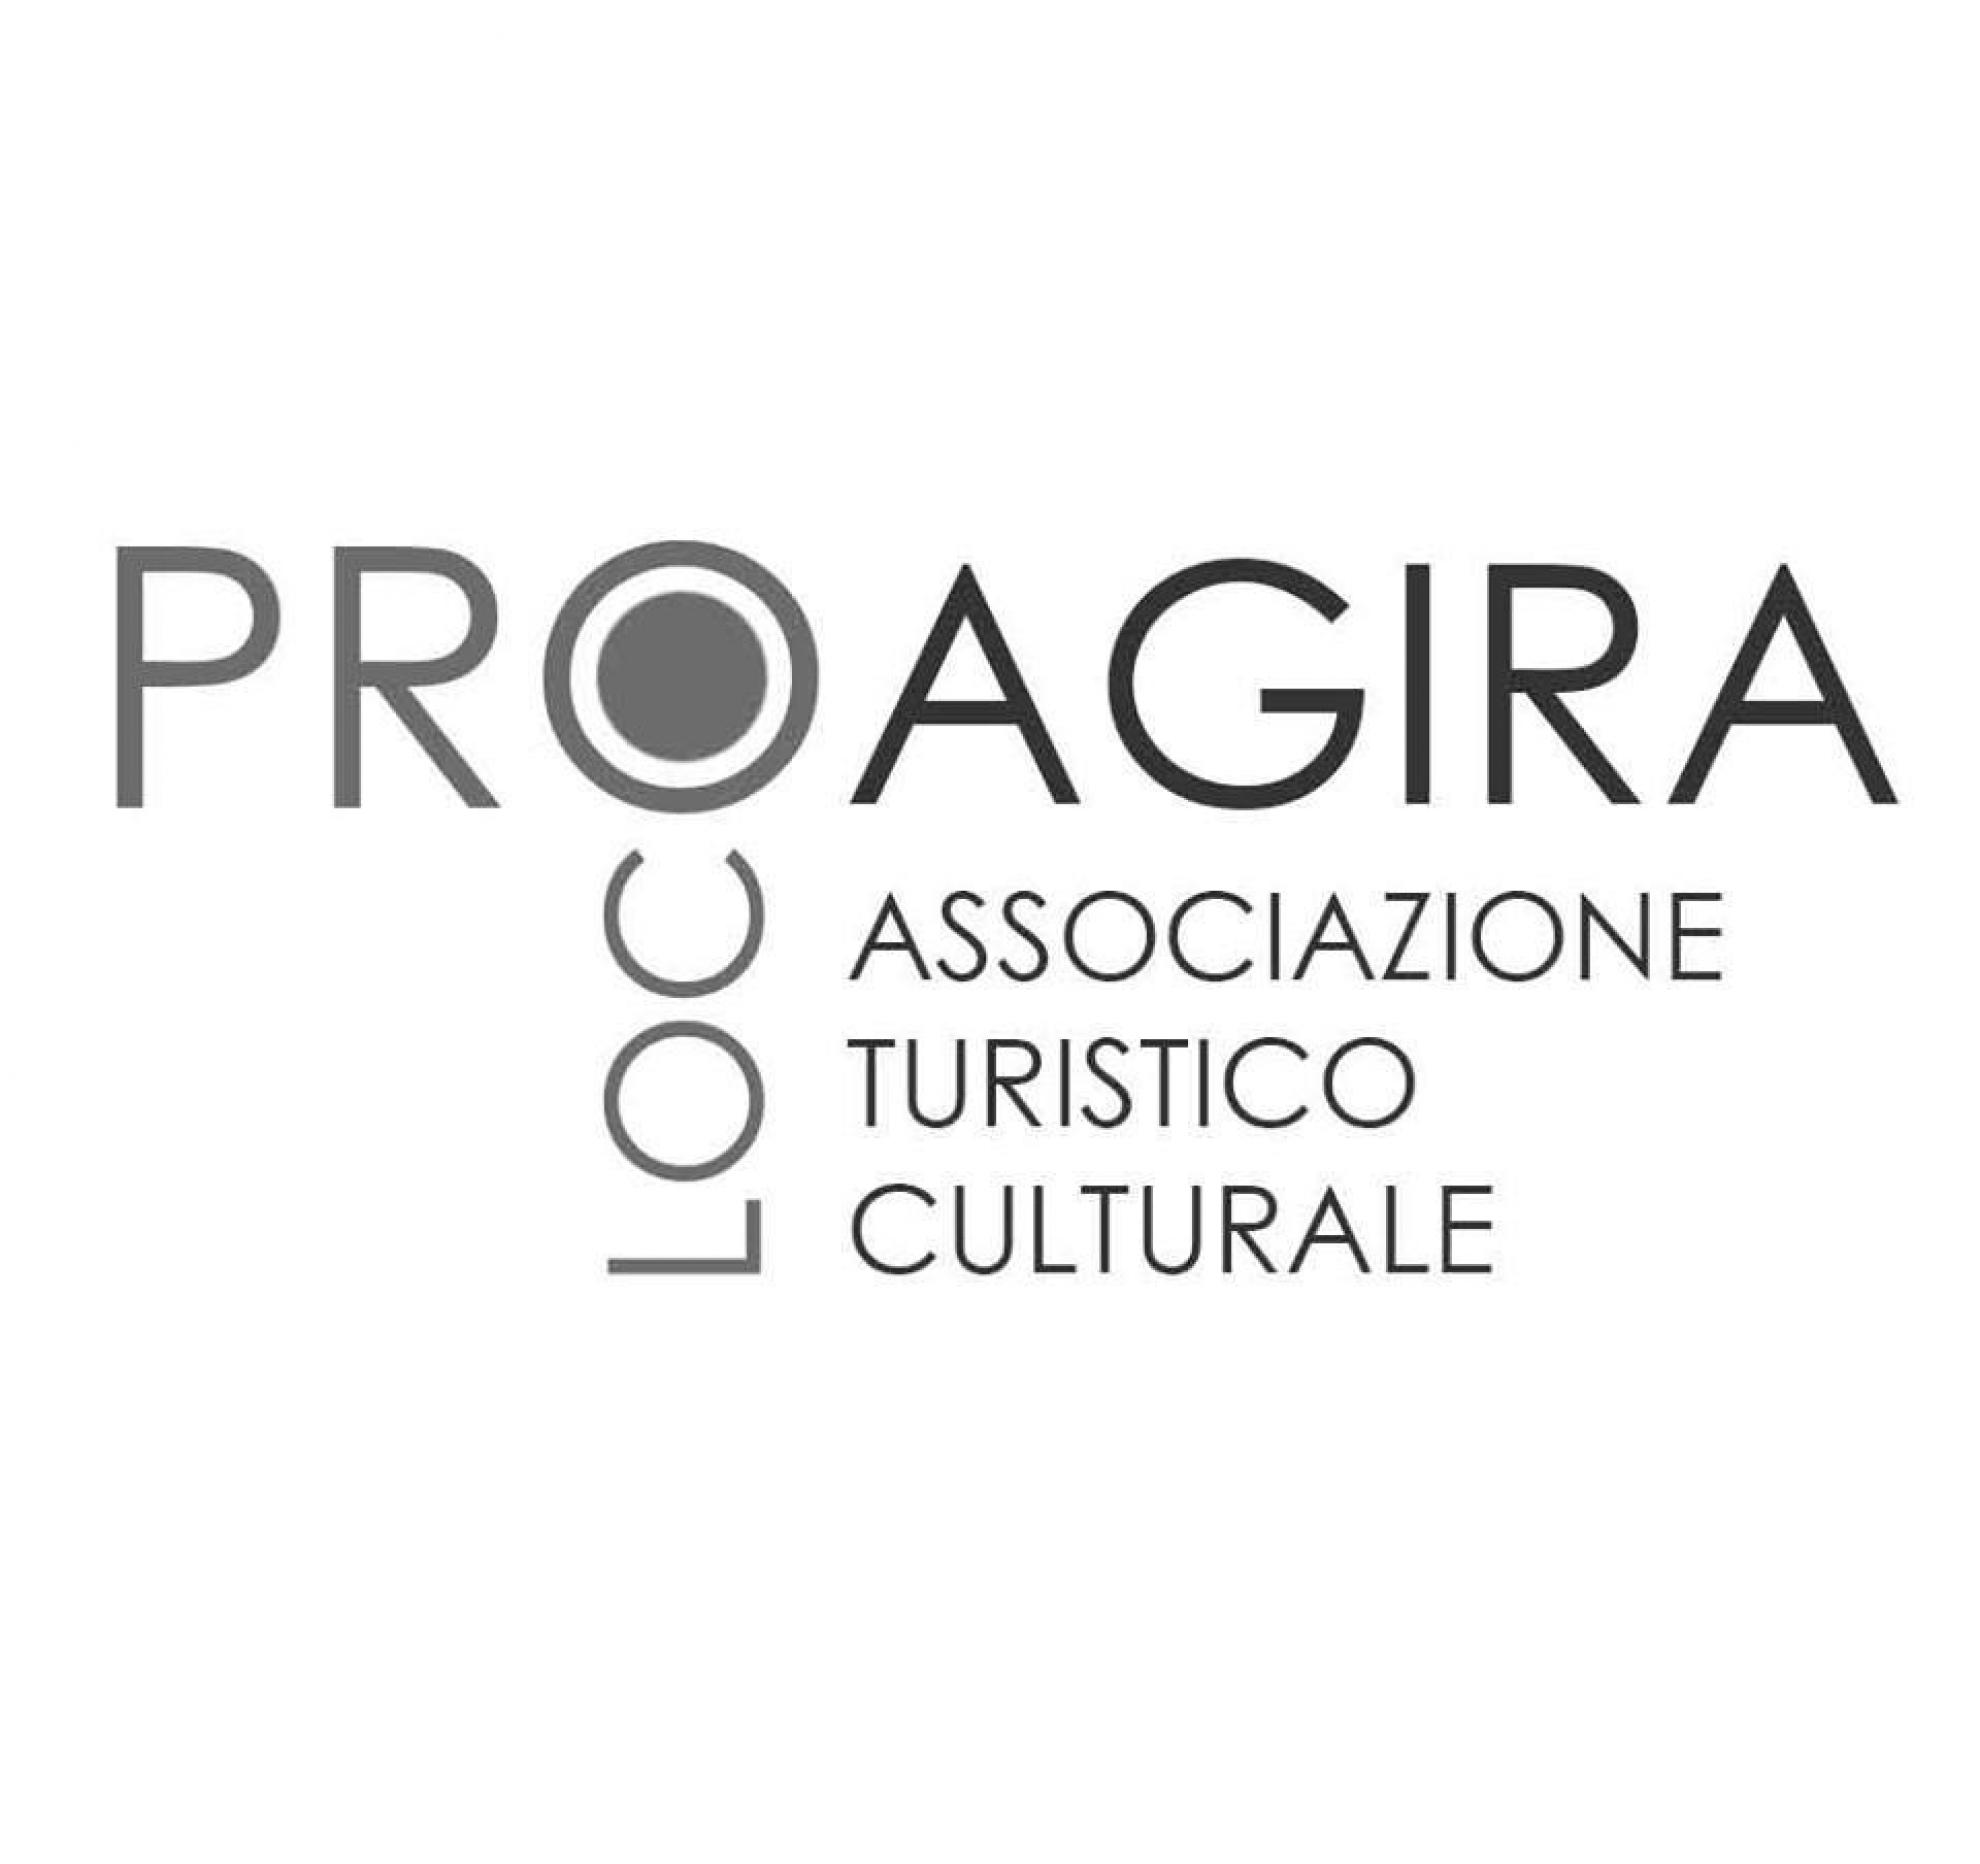 Pro Loco Agira - Pro loco, Agira